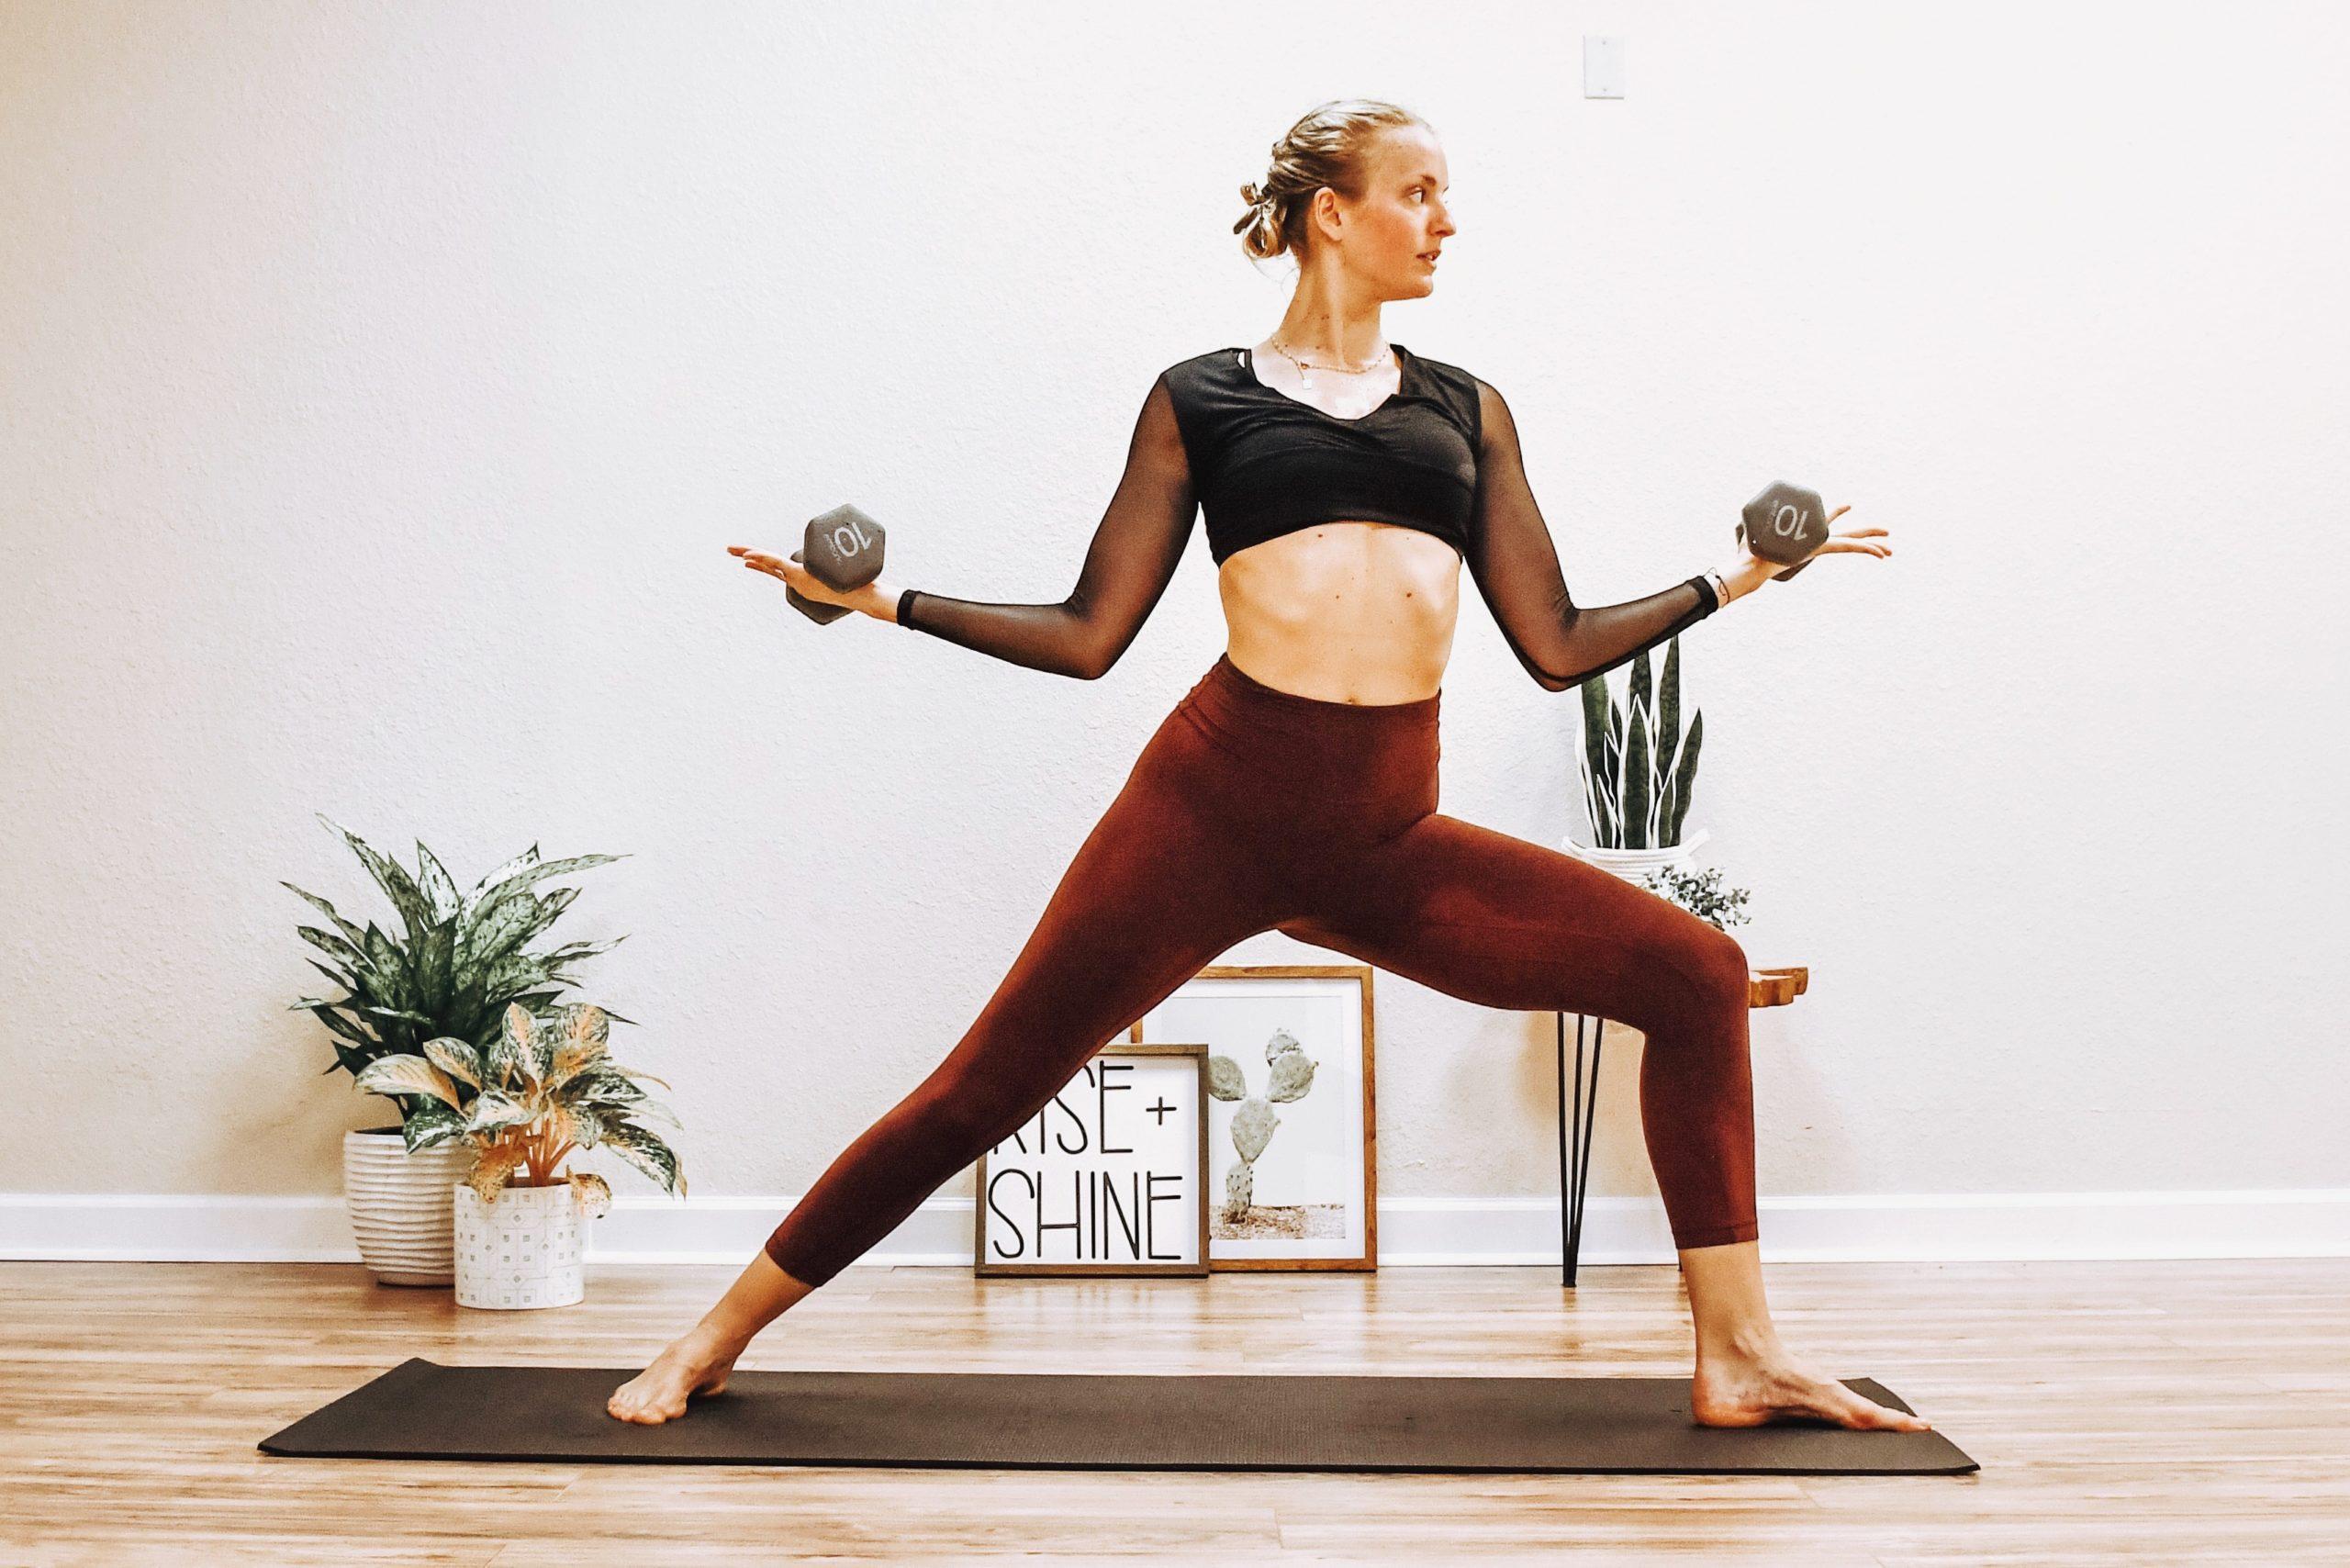 Pure Yoga & Hot Yoga + Tone